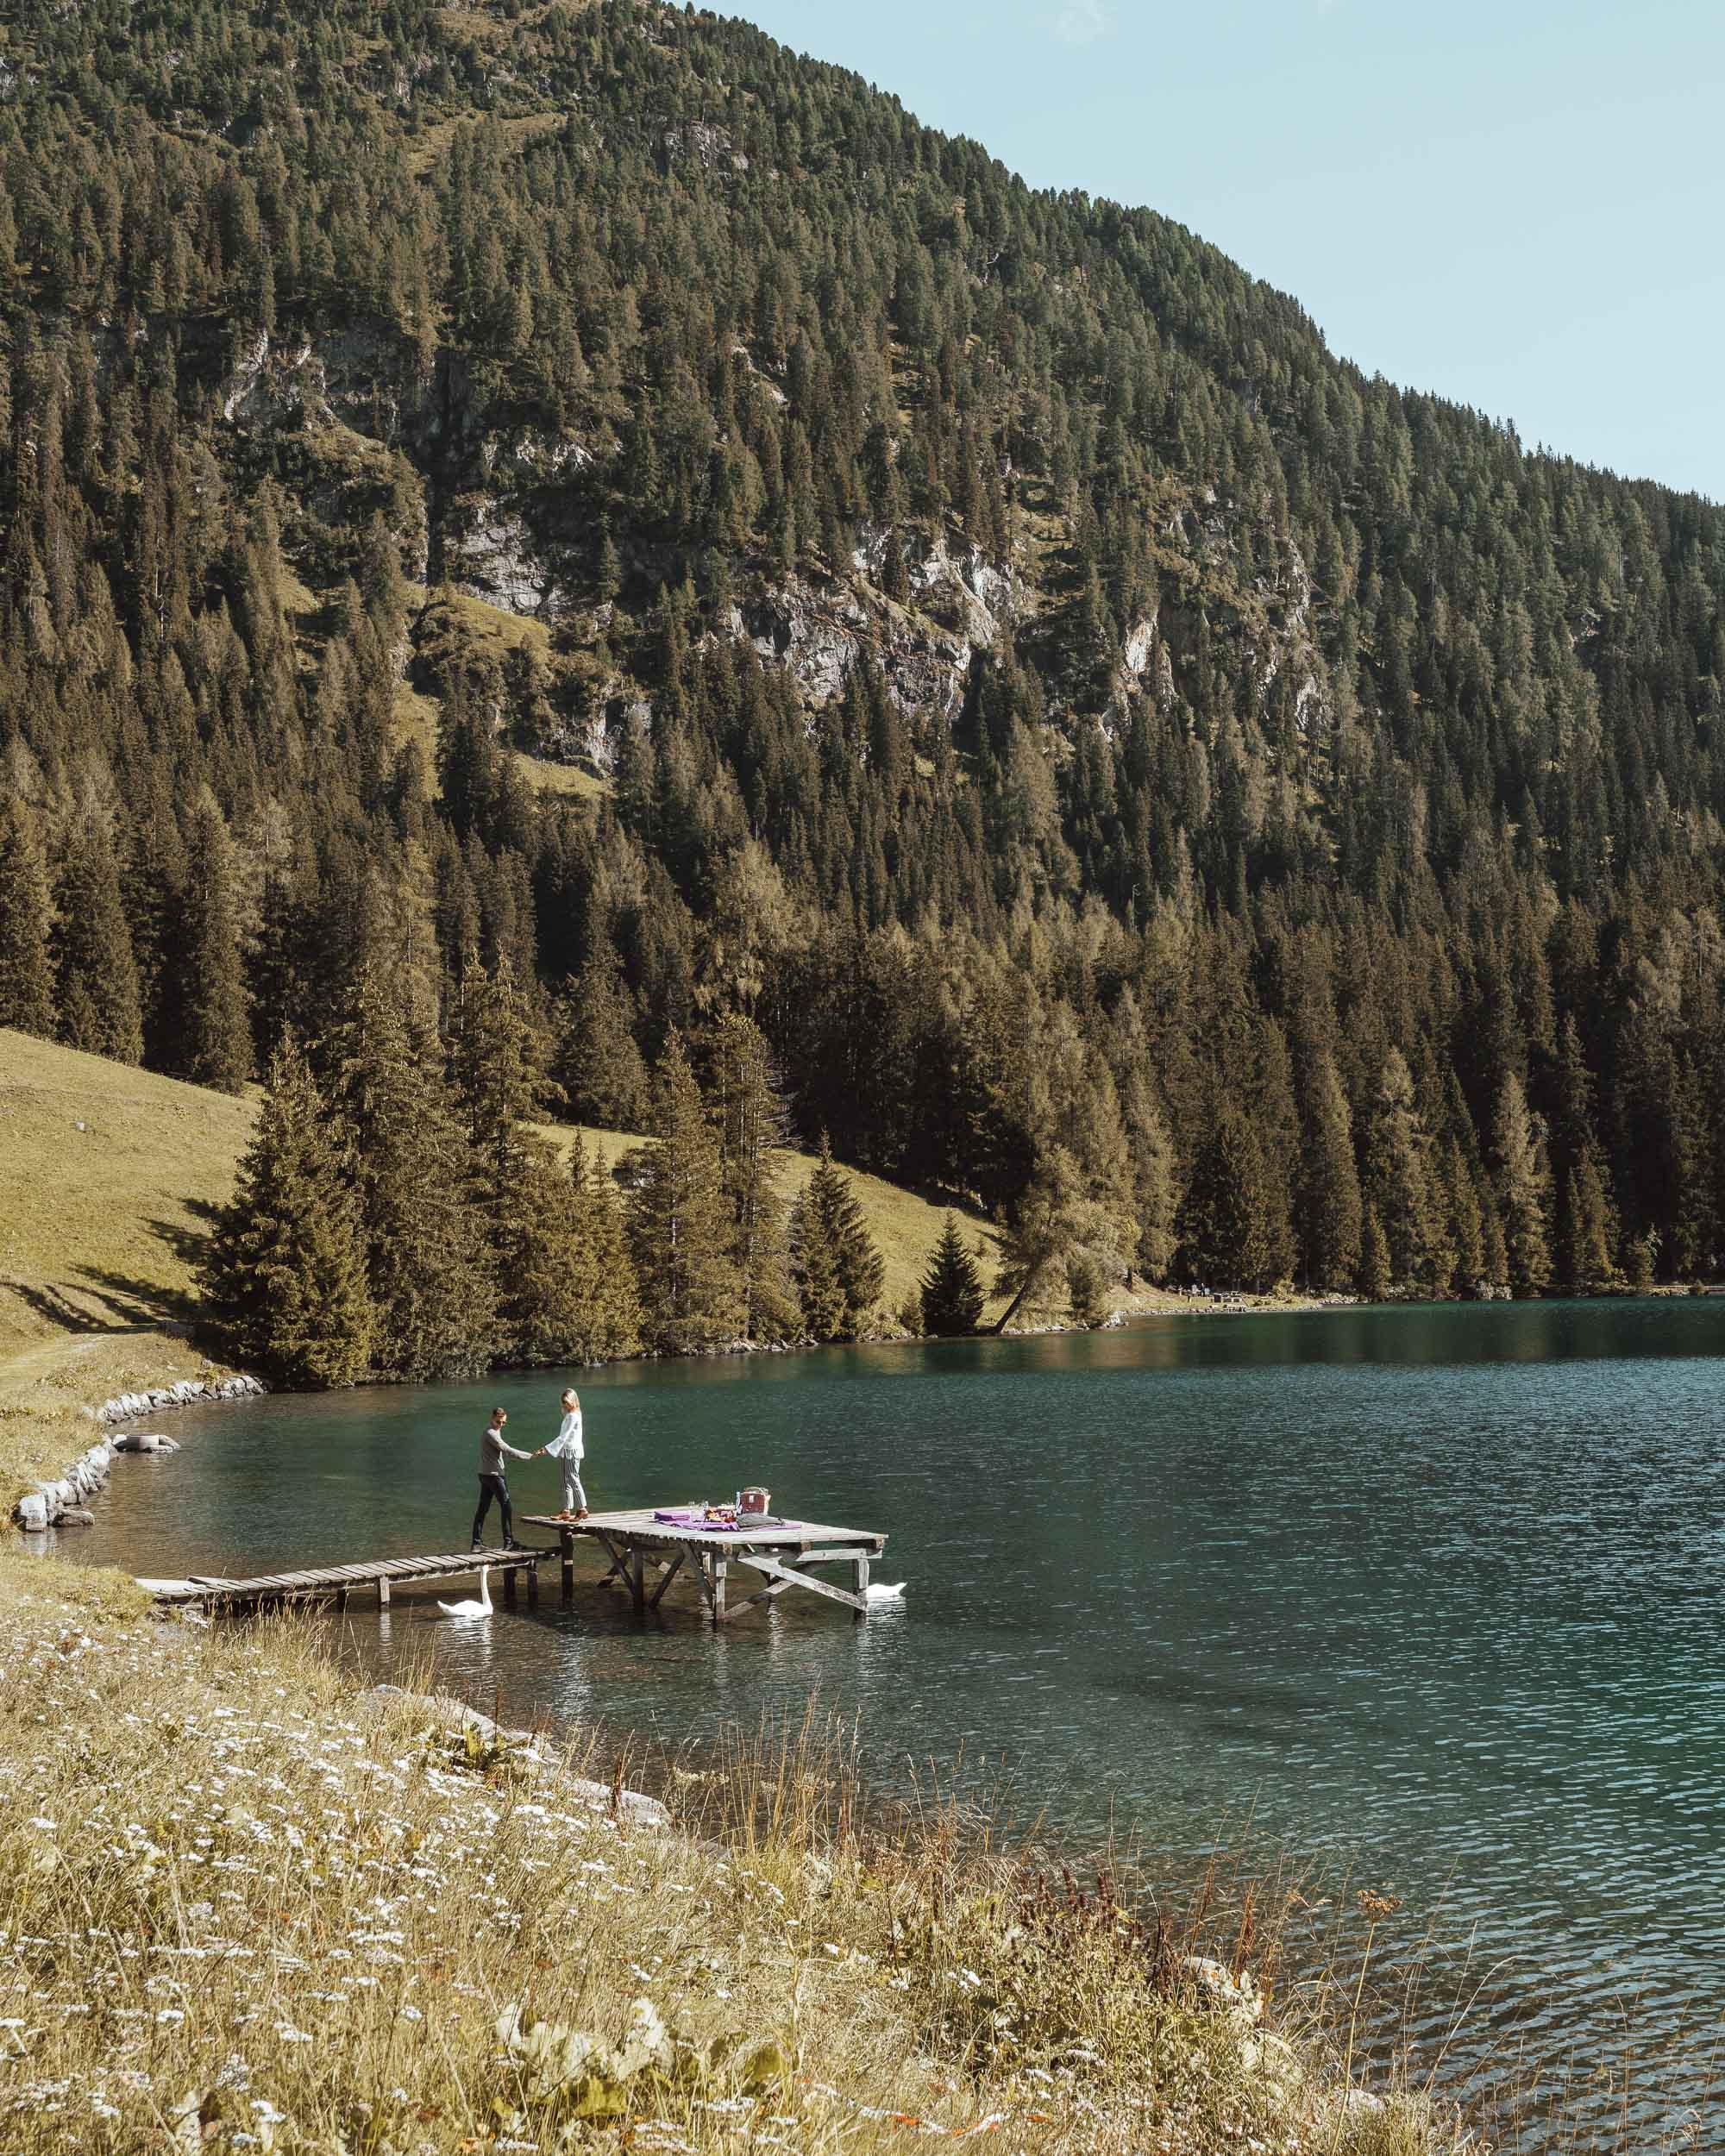 Davos lake in summer, Switzerland via @finduslost